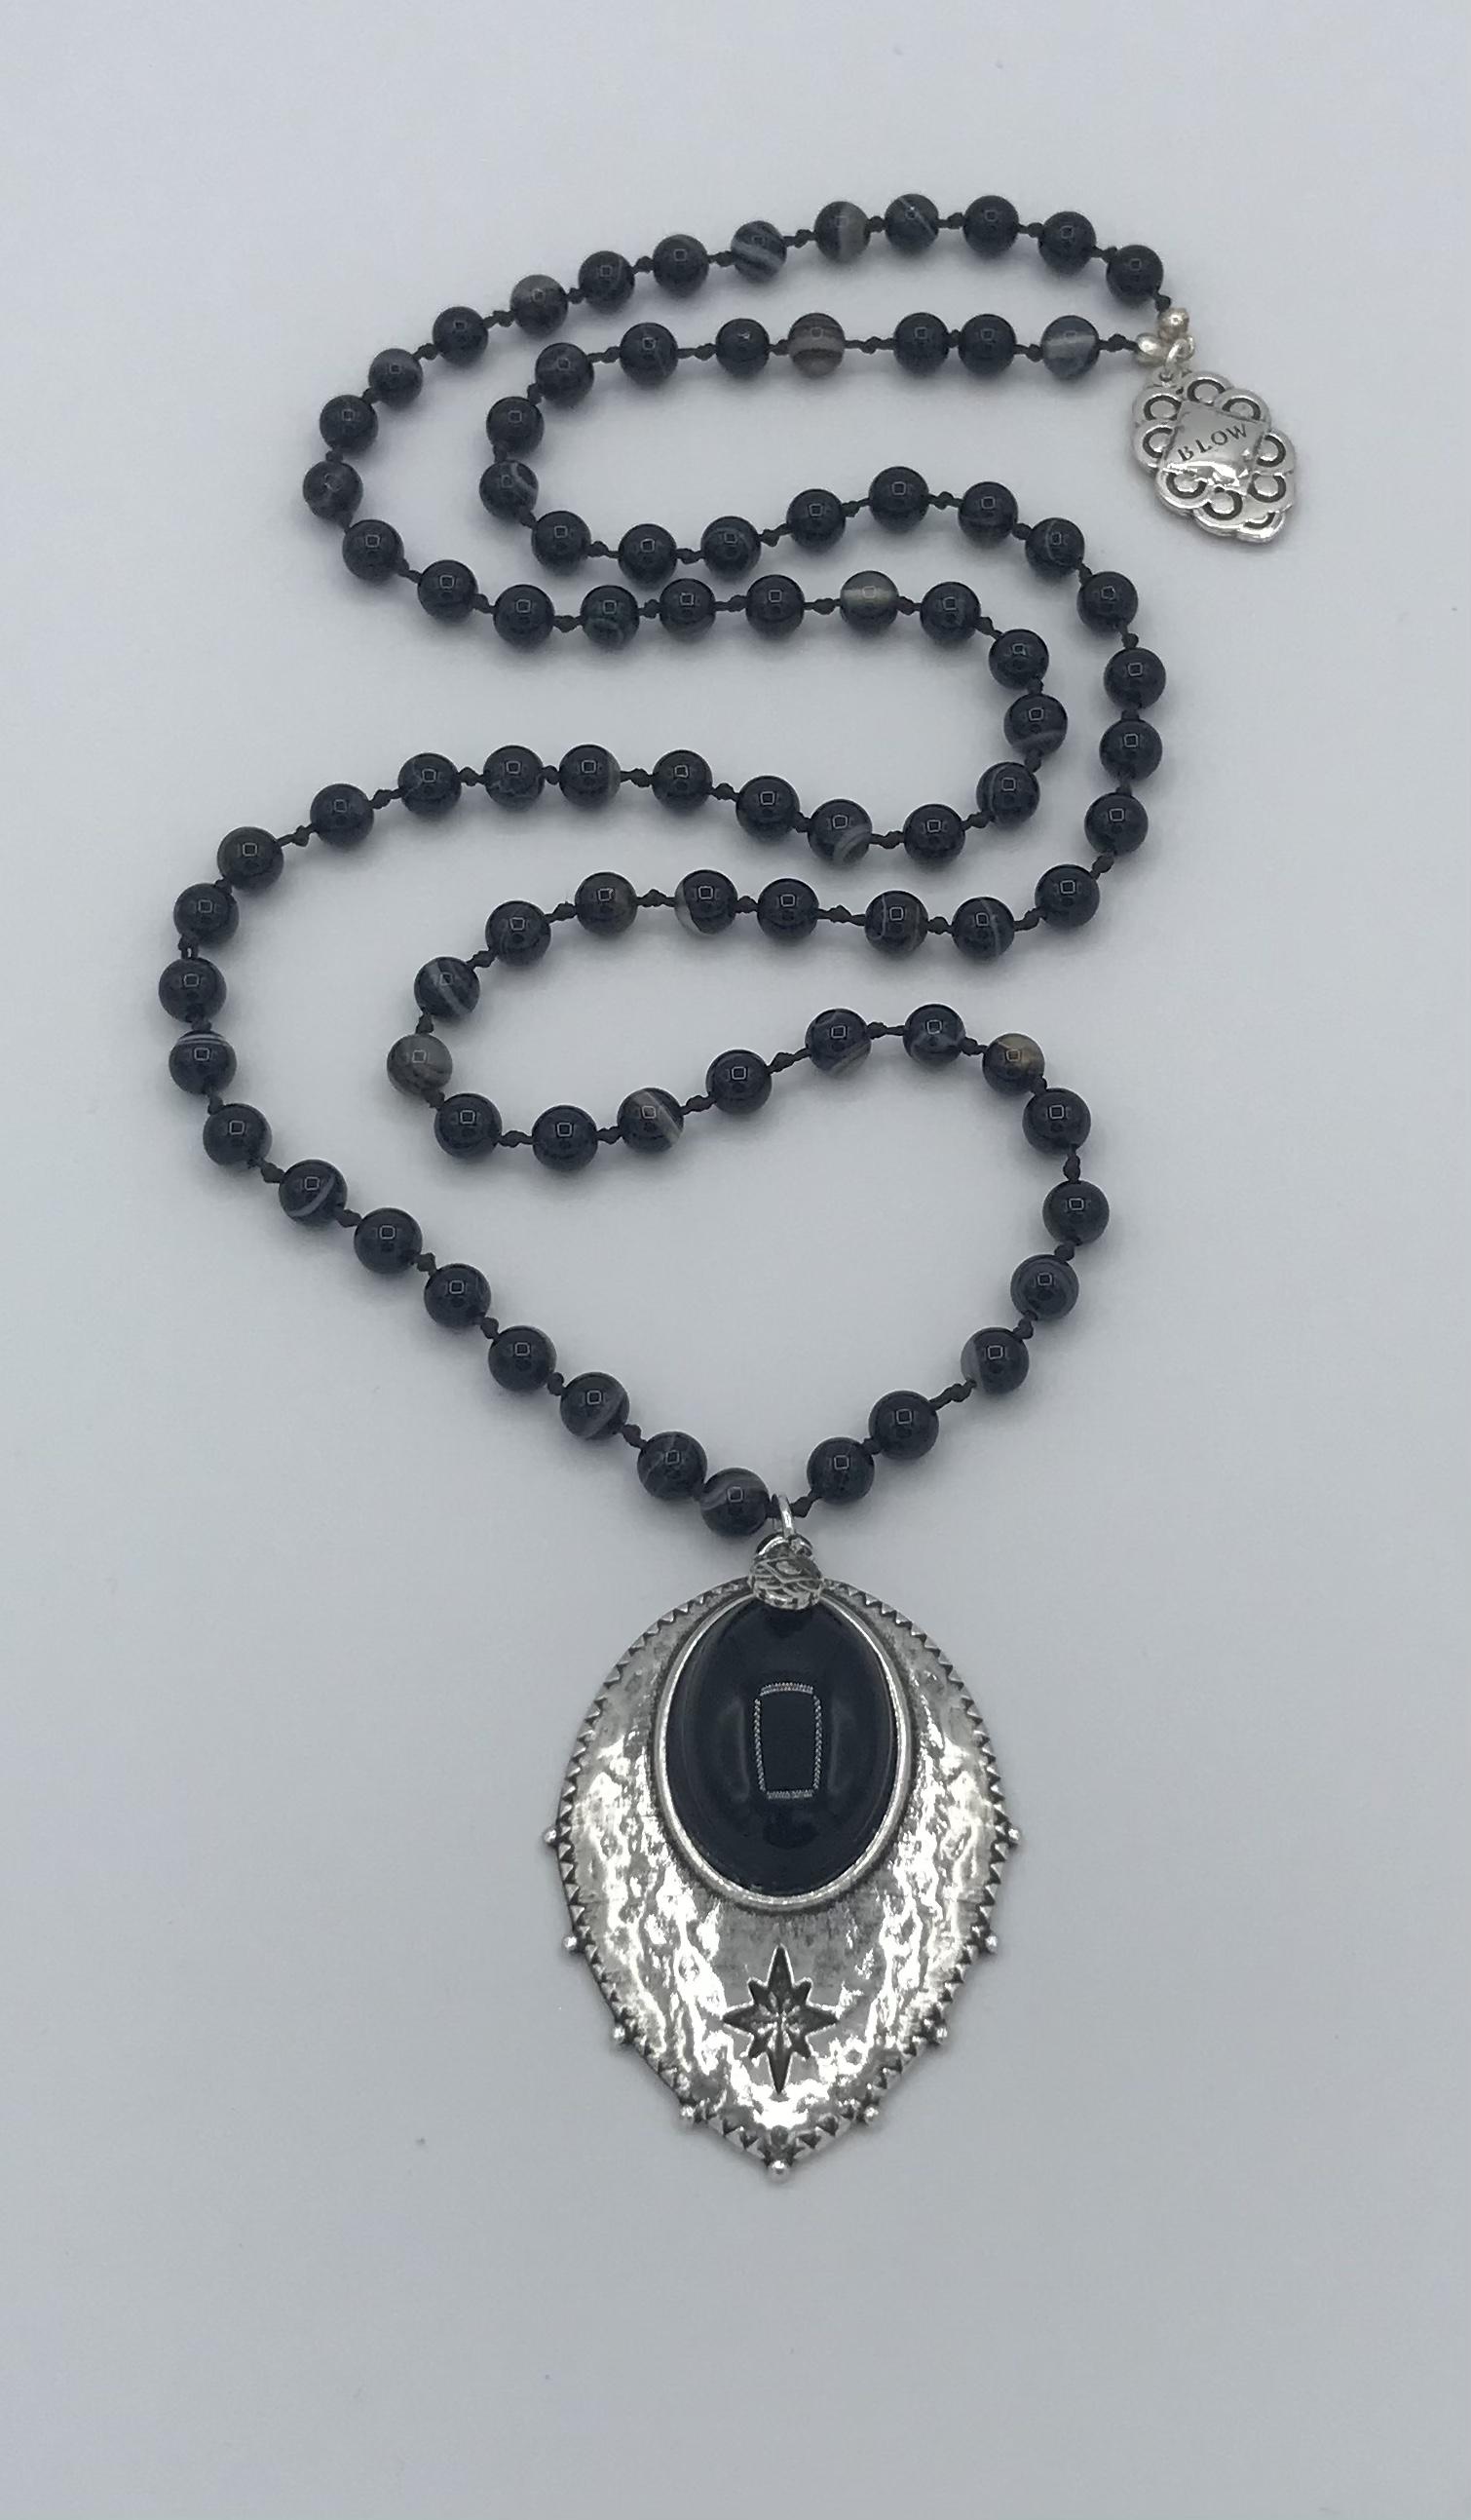 Bague Canyon Ethnique 4 | Marie K boutique de bijoux en argent